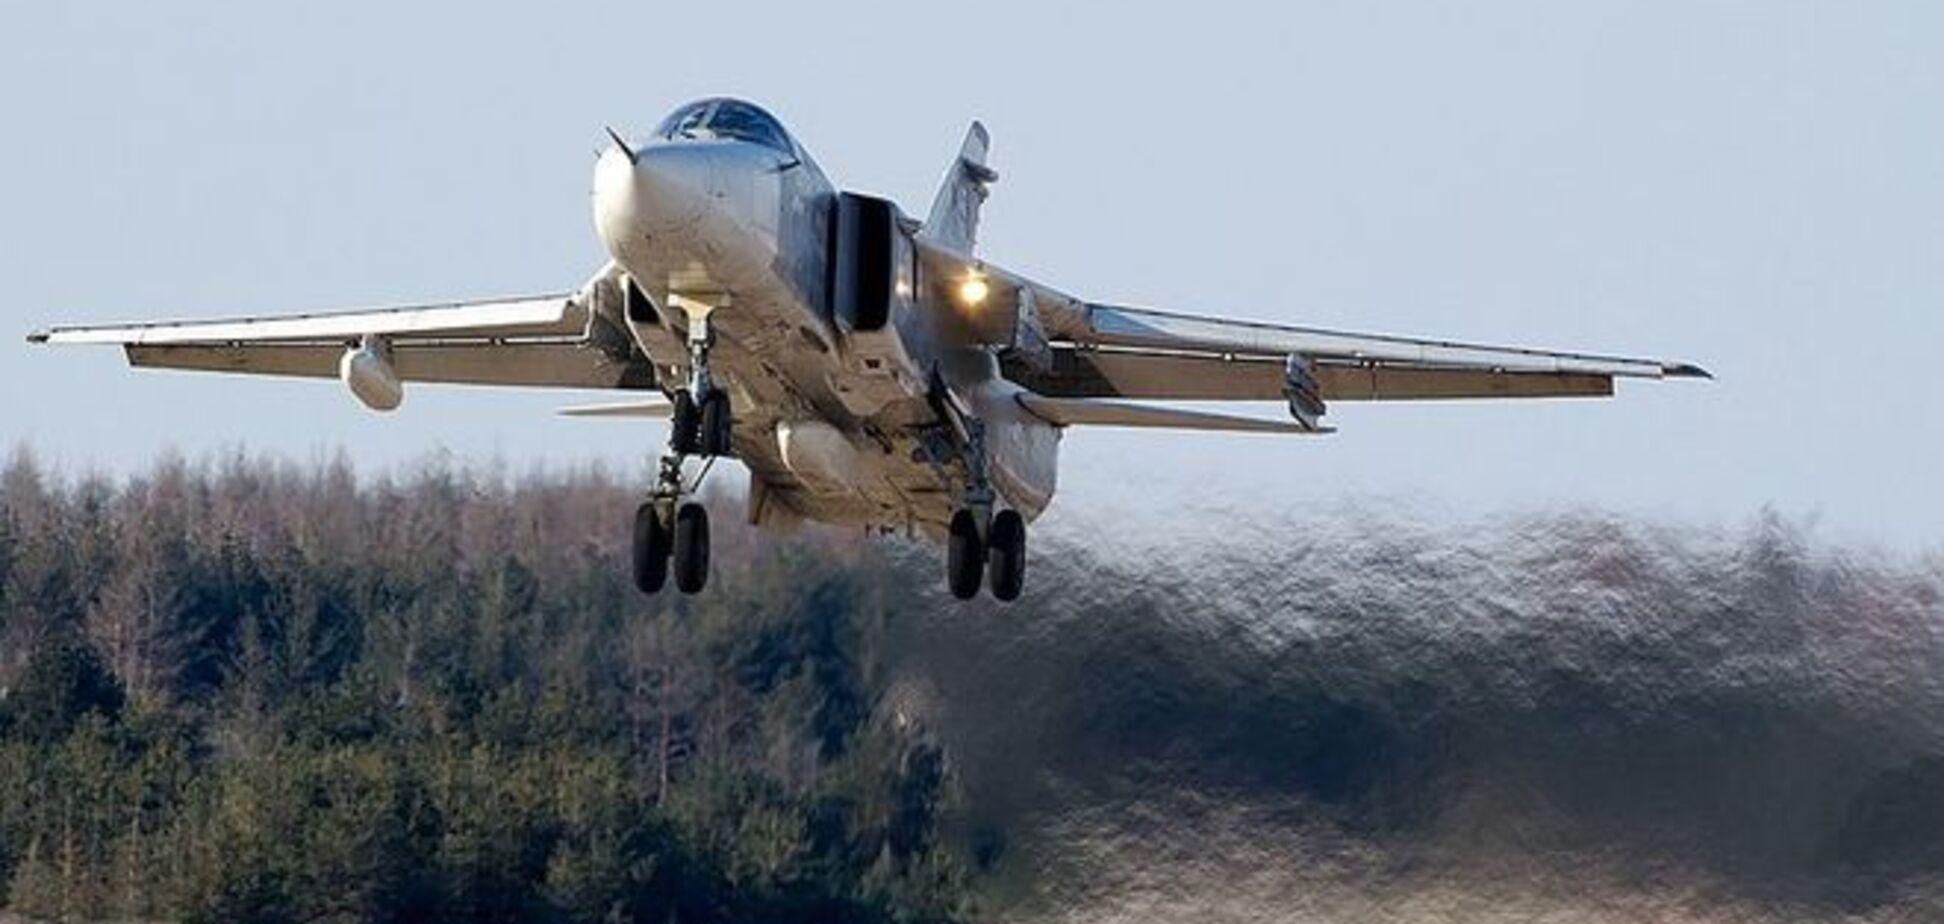 В России во время взлета разбился бомбардировщик с полным боекомплектом